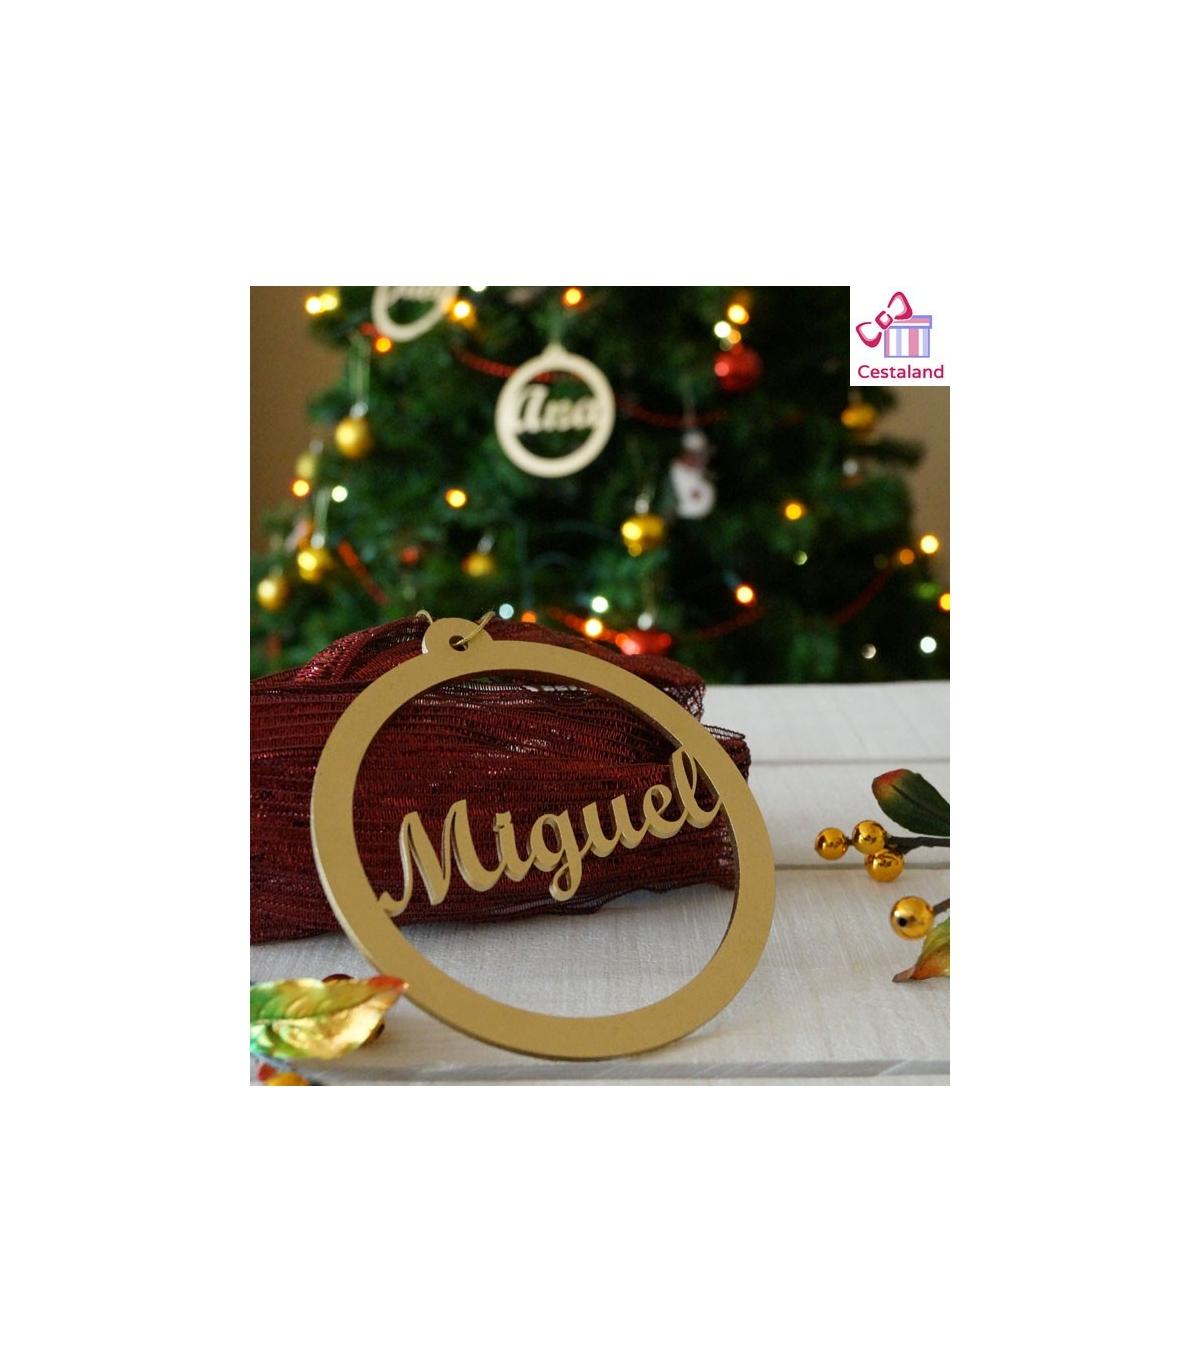 7d6431adfe095 Bola Navidad Personalizada con nombres familia en madera. Decoración